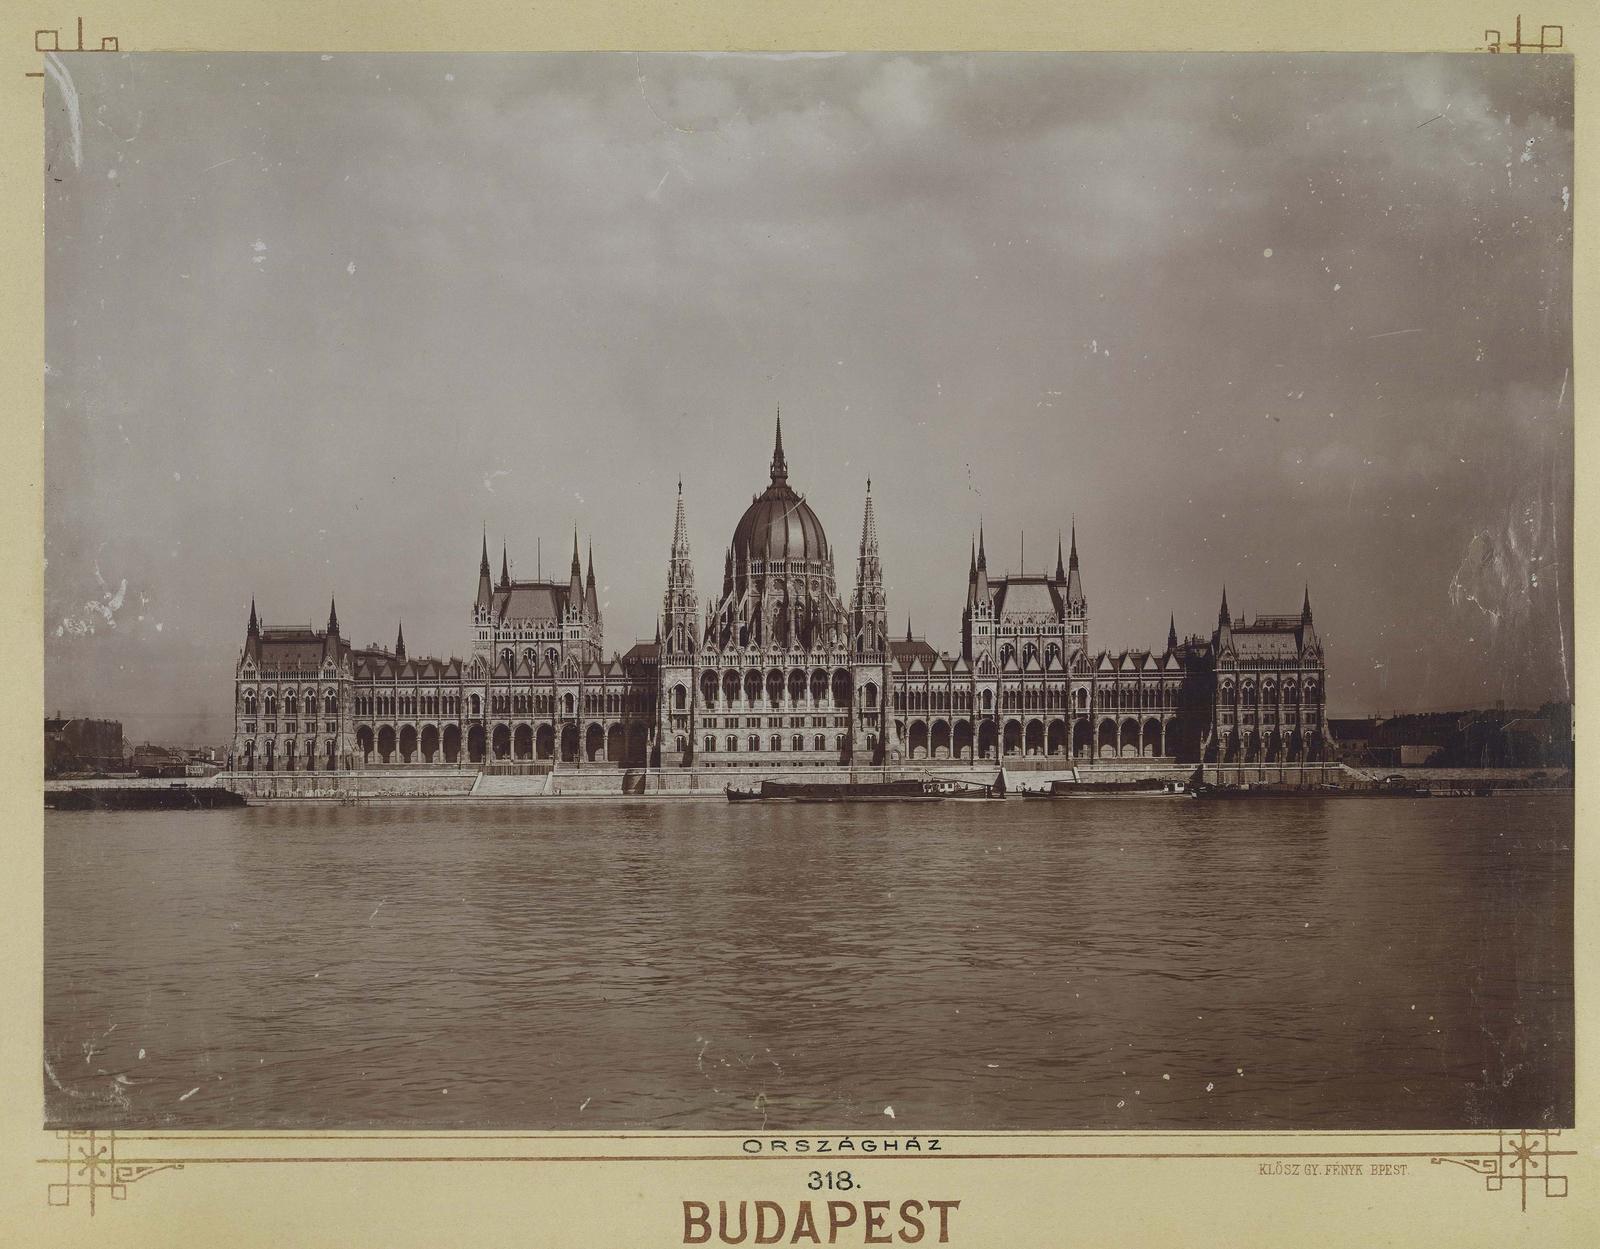 Klösz György felvétele az Országházról